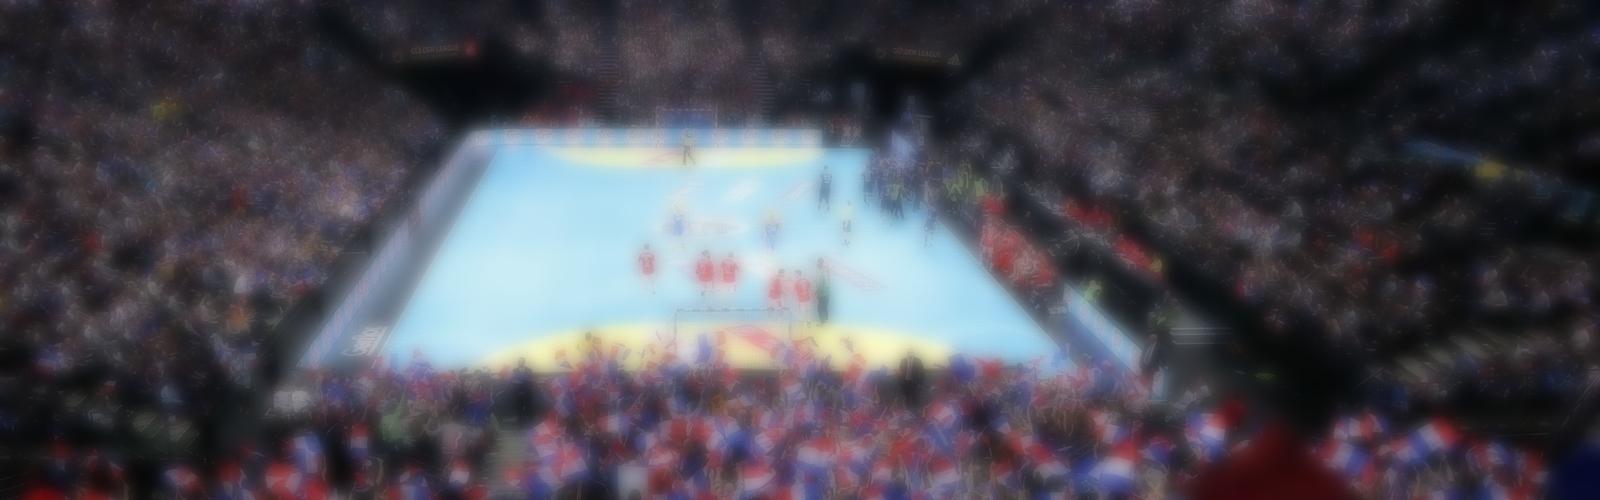 handballflou1600